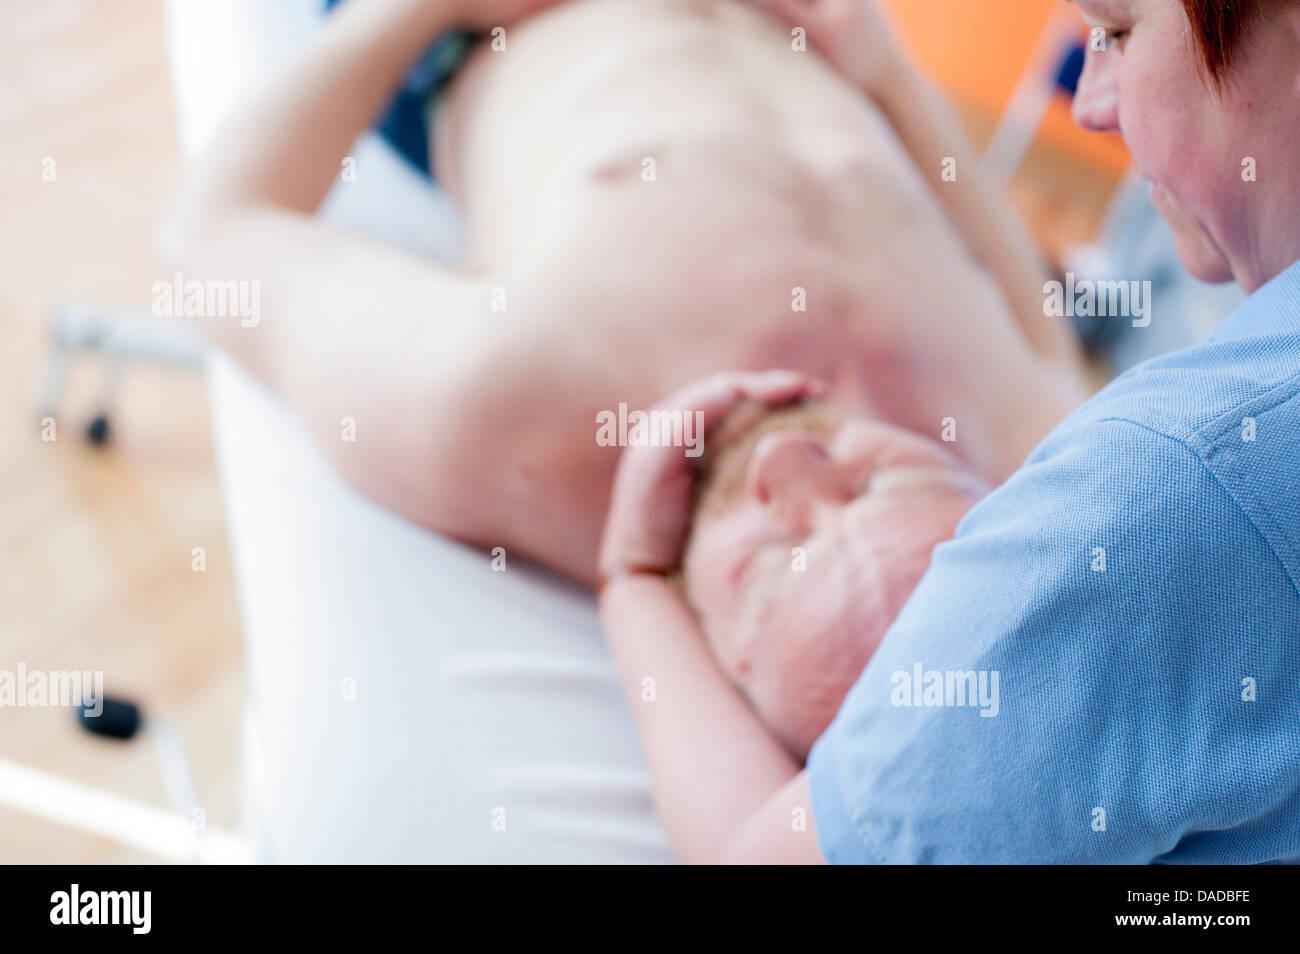 El hombre acostado sobre la espalda recibir masaje de cabeza Imagen De Stock